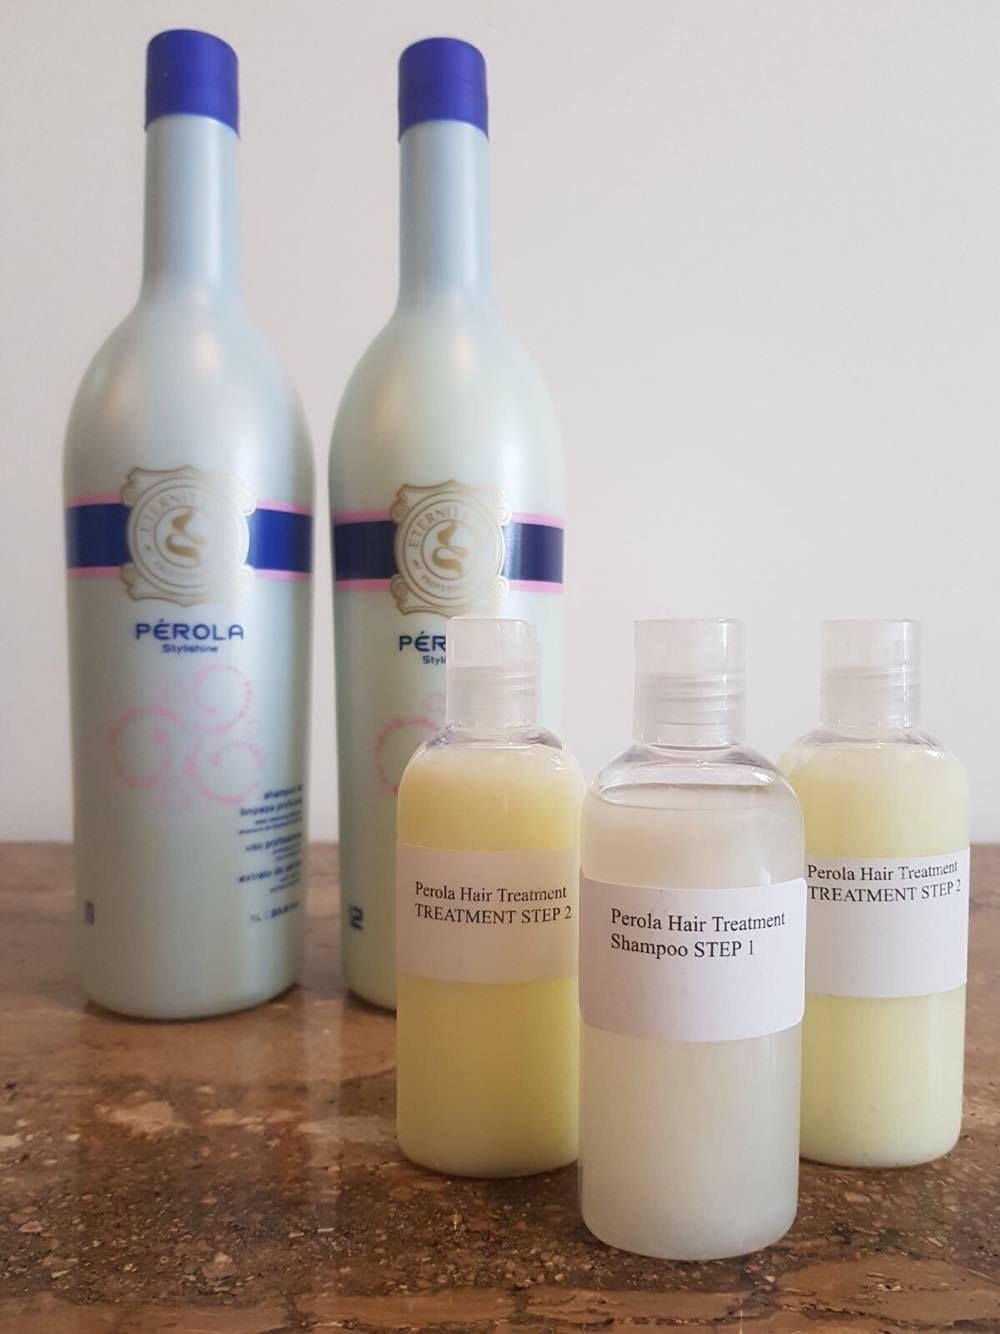 TRATTAMENTO BRASILIANO CON FON DI CHERATINA PEROLA MULTI TAGLIE (3 X 100ML Shampoo e Keratin) EternityLiss